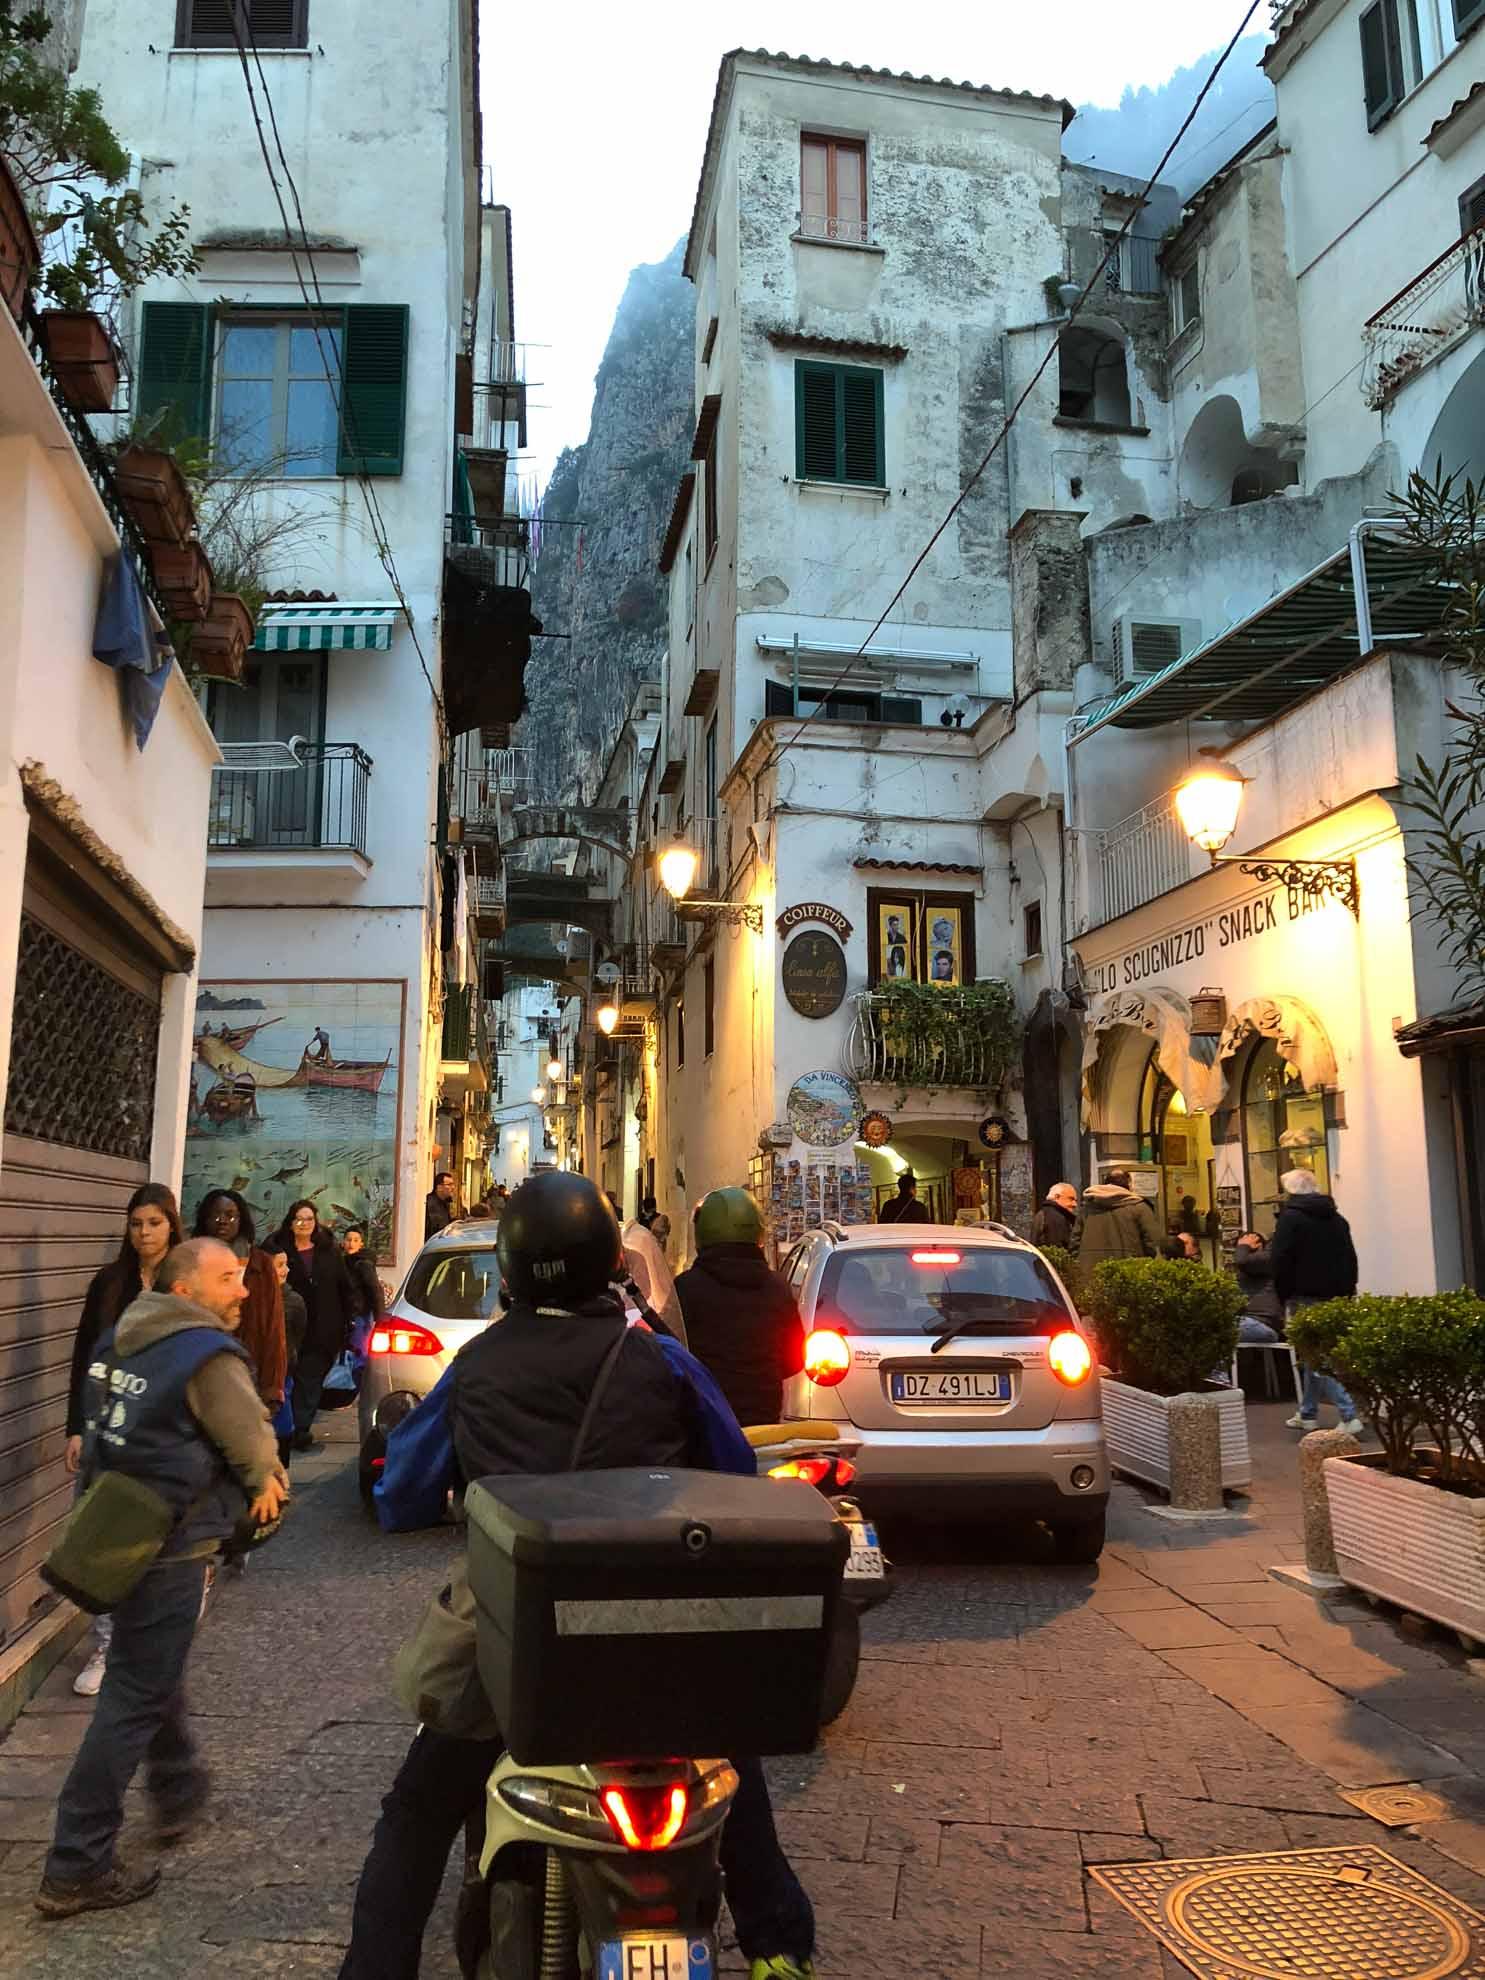 Italien pur - das abendliche Gewühl von Amalfi.